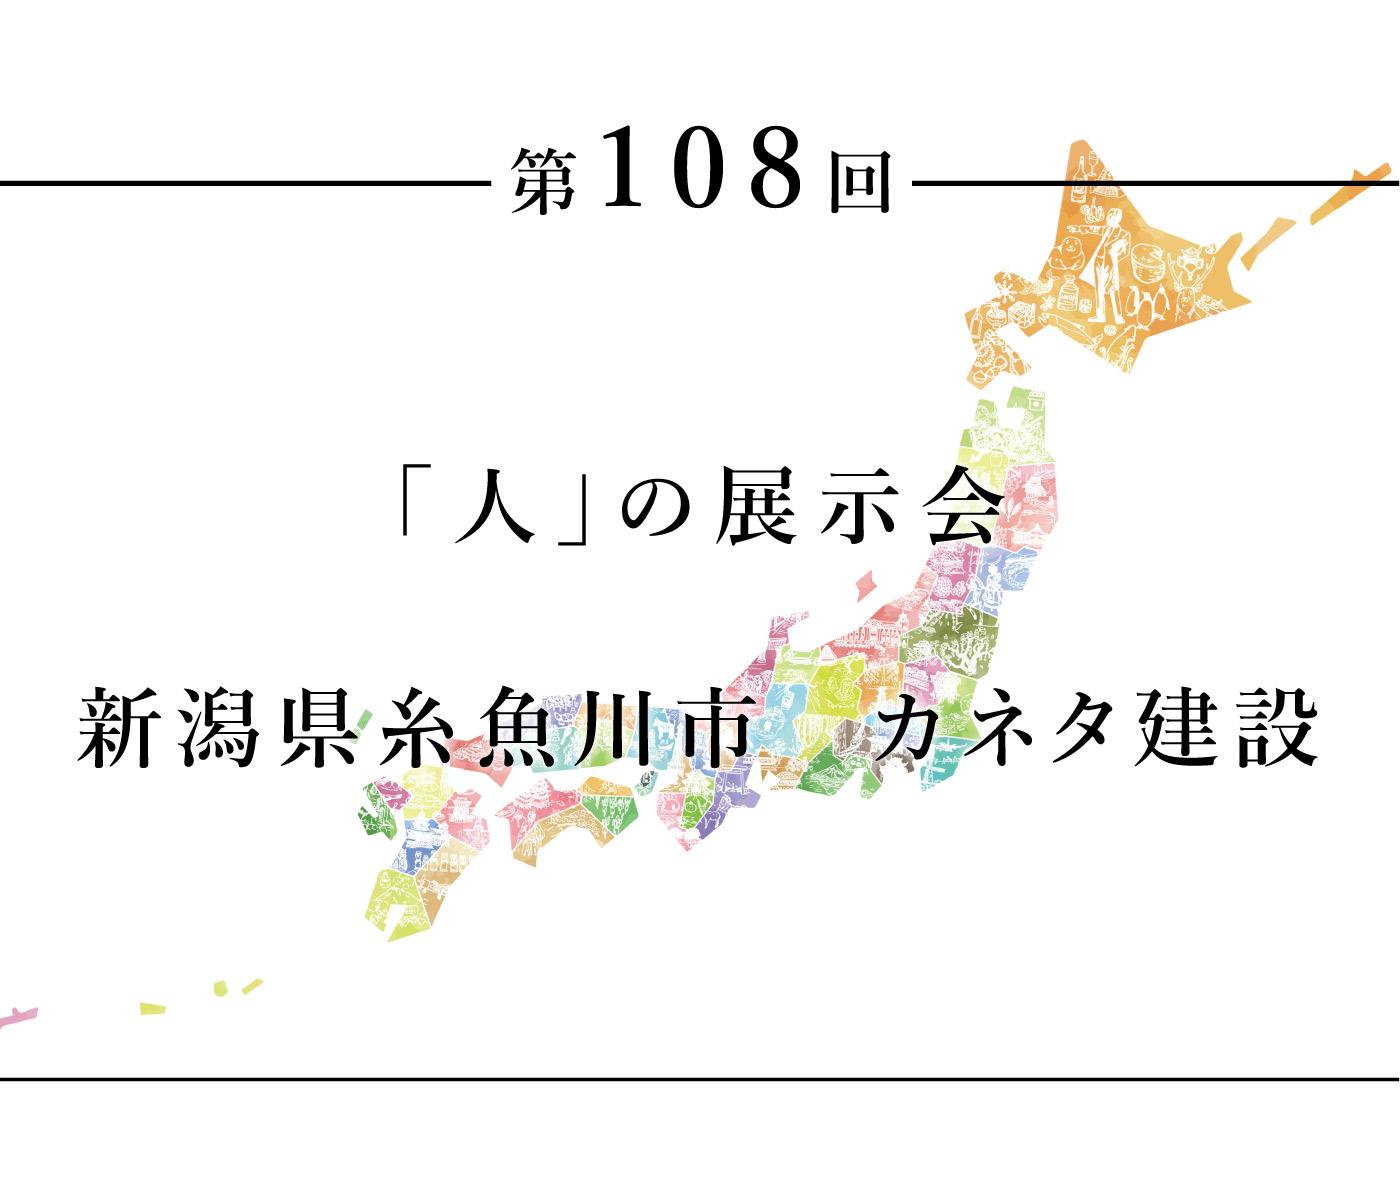 ちいきのたより第108回「人」の展示会新潟県糸魚川市 カネタ建設